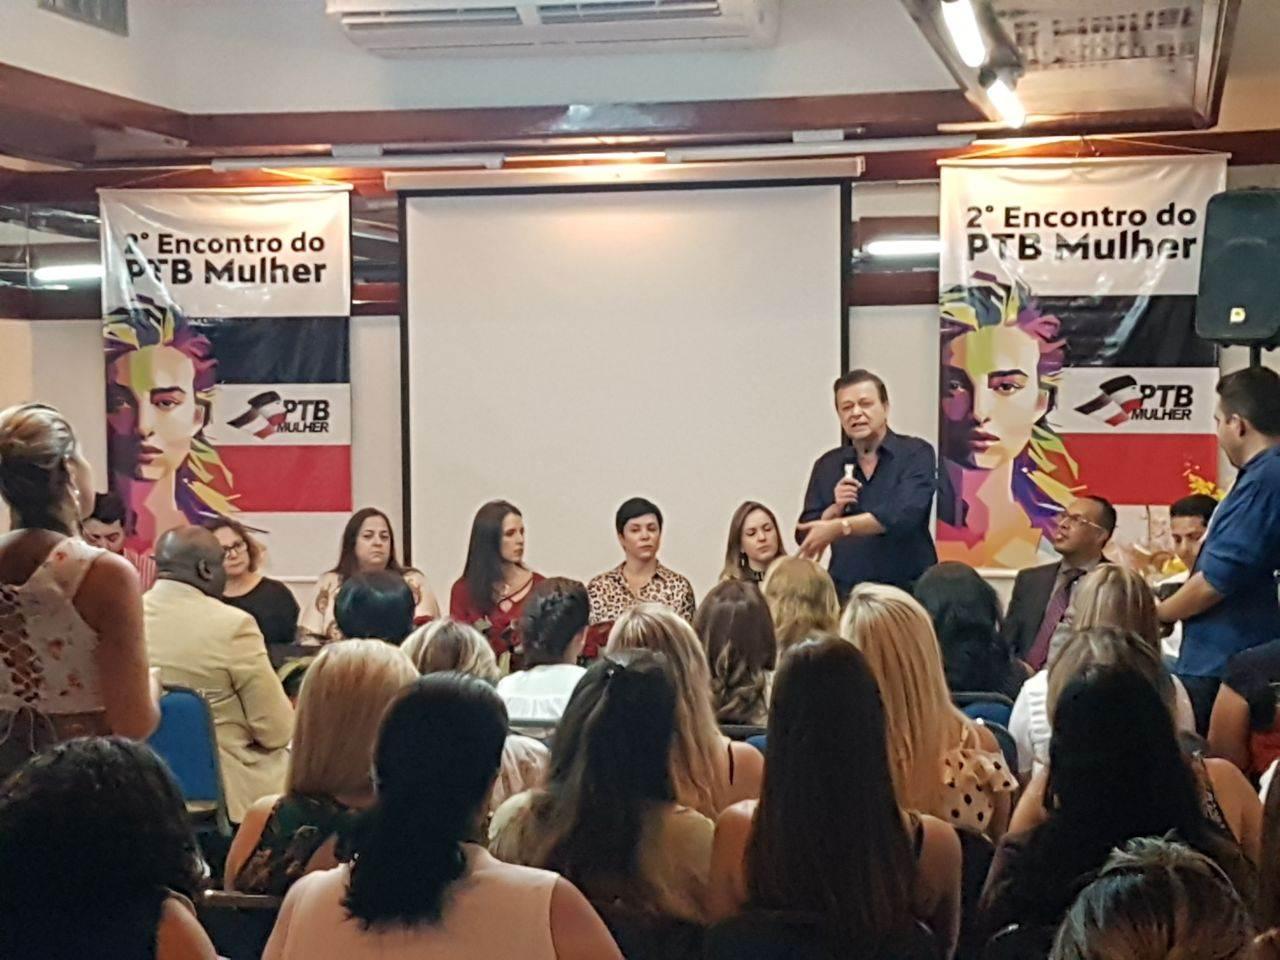 Deputado federal Jovair Arantes fala às mulheres presentes no evento do PTB Mulher   Foto: Valdemy Teixeira